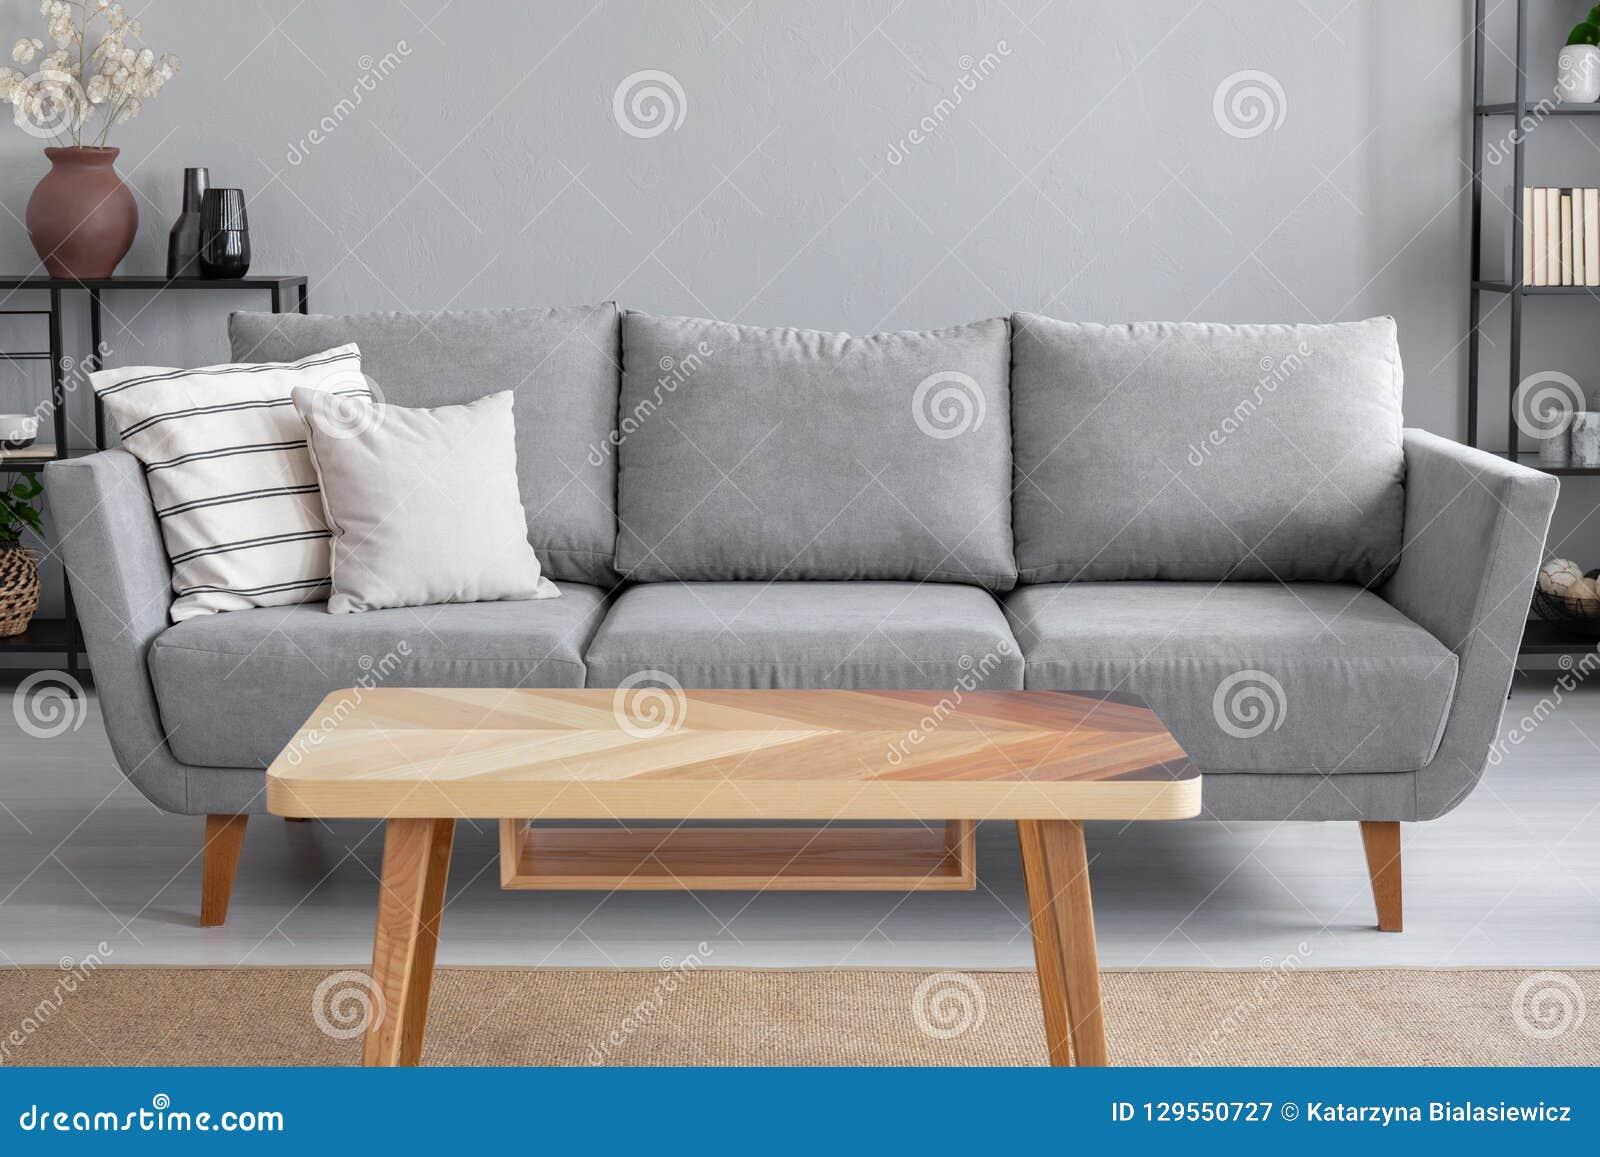 Trätabell och stor grå soffa med kuddar i vardagsrum av den moderiktiga lägenheten, verkligt foto